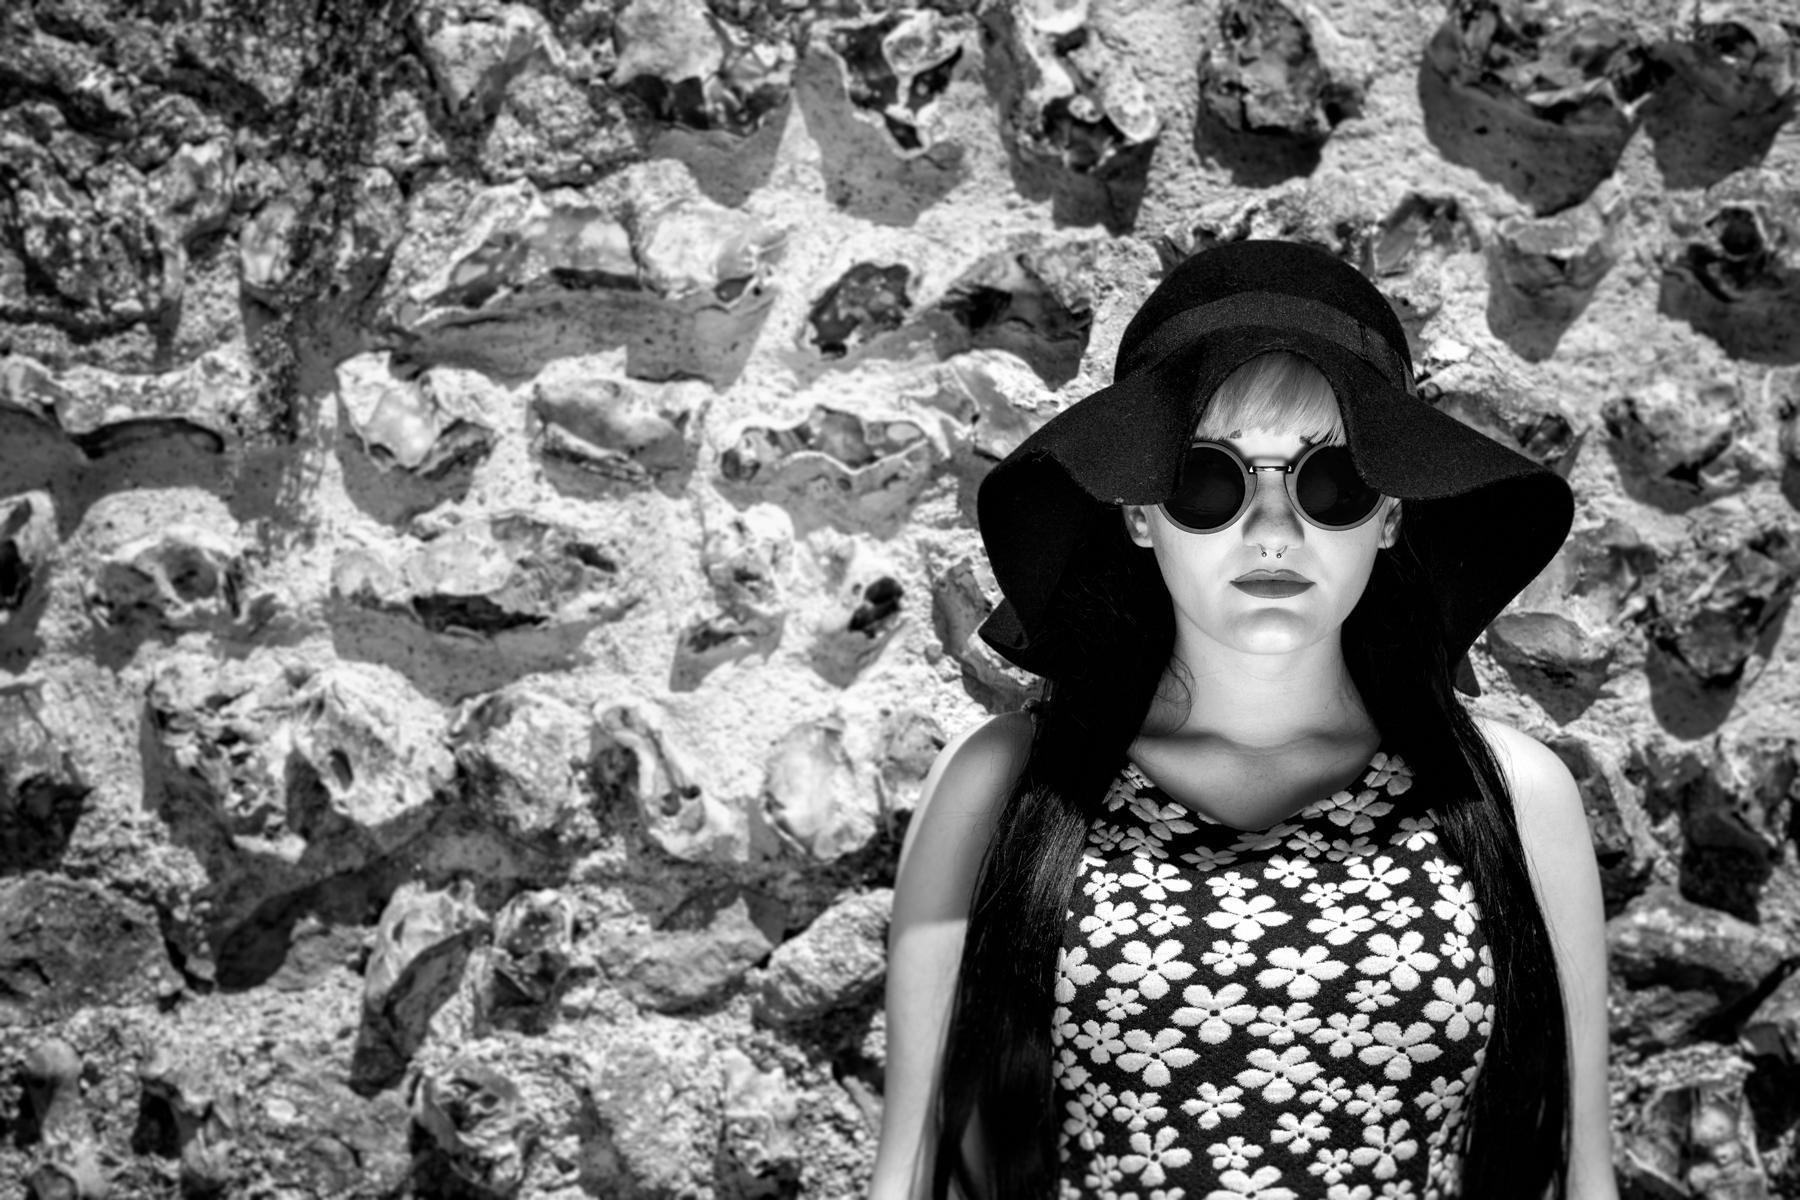 Black and white stylish female